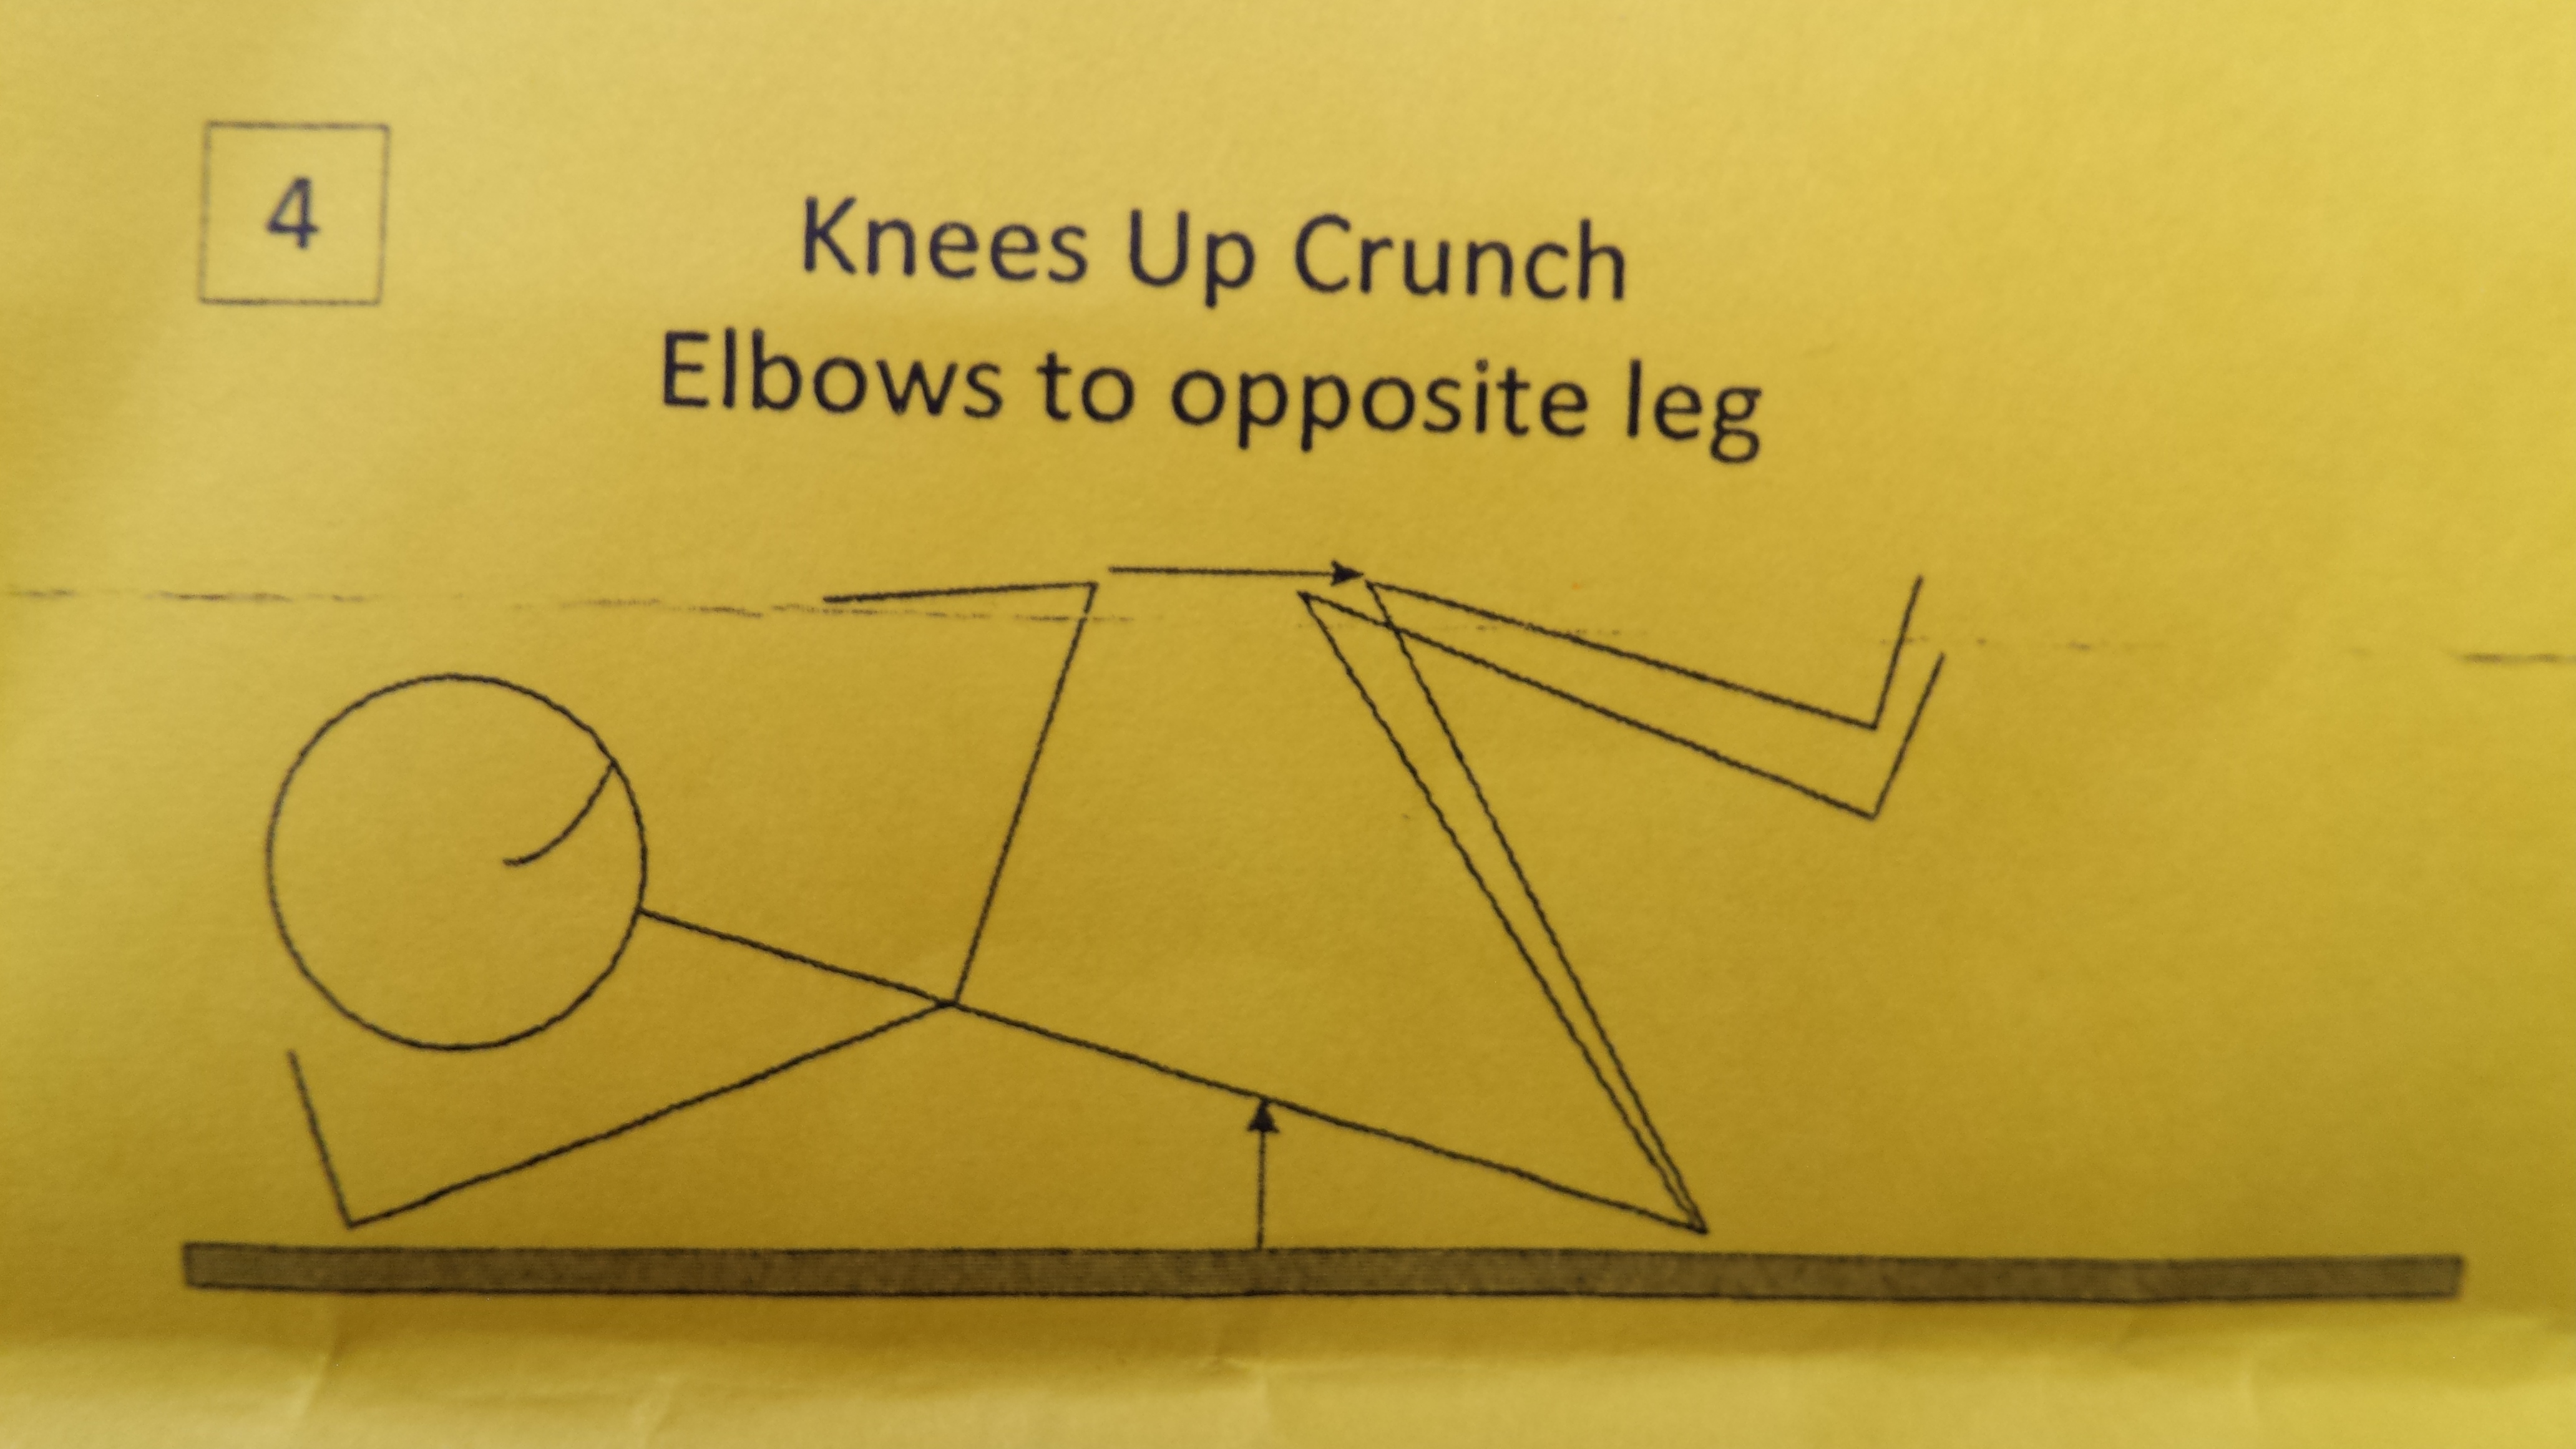 Exercise Instruction